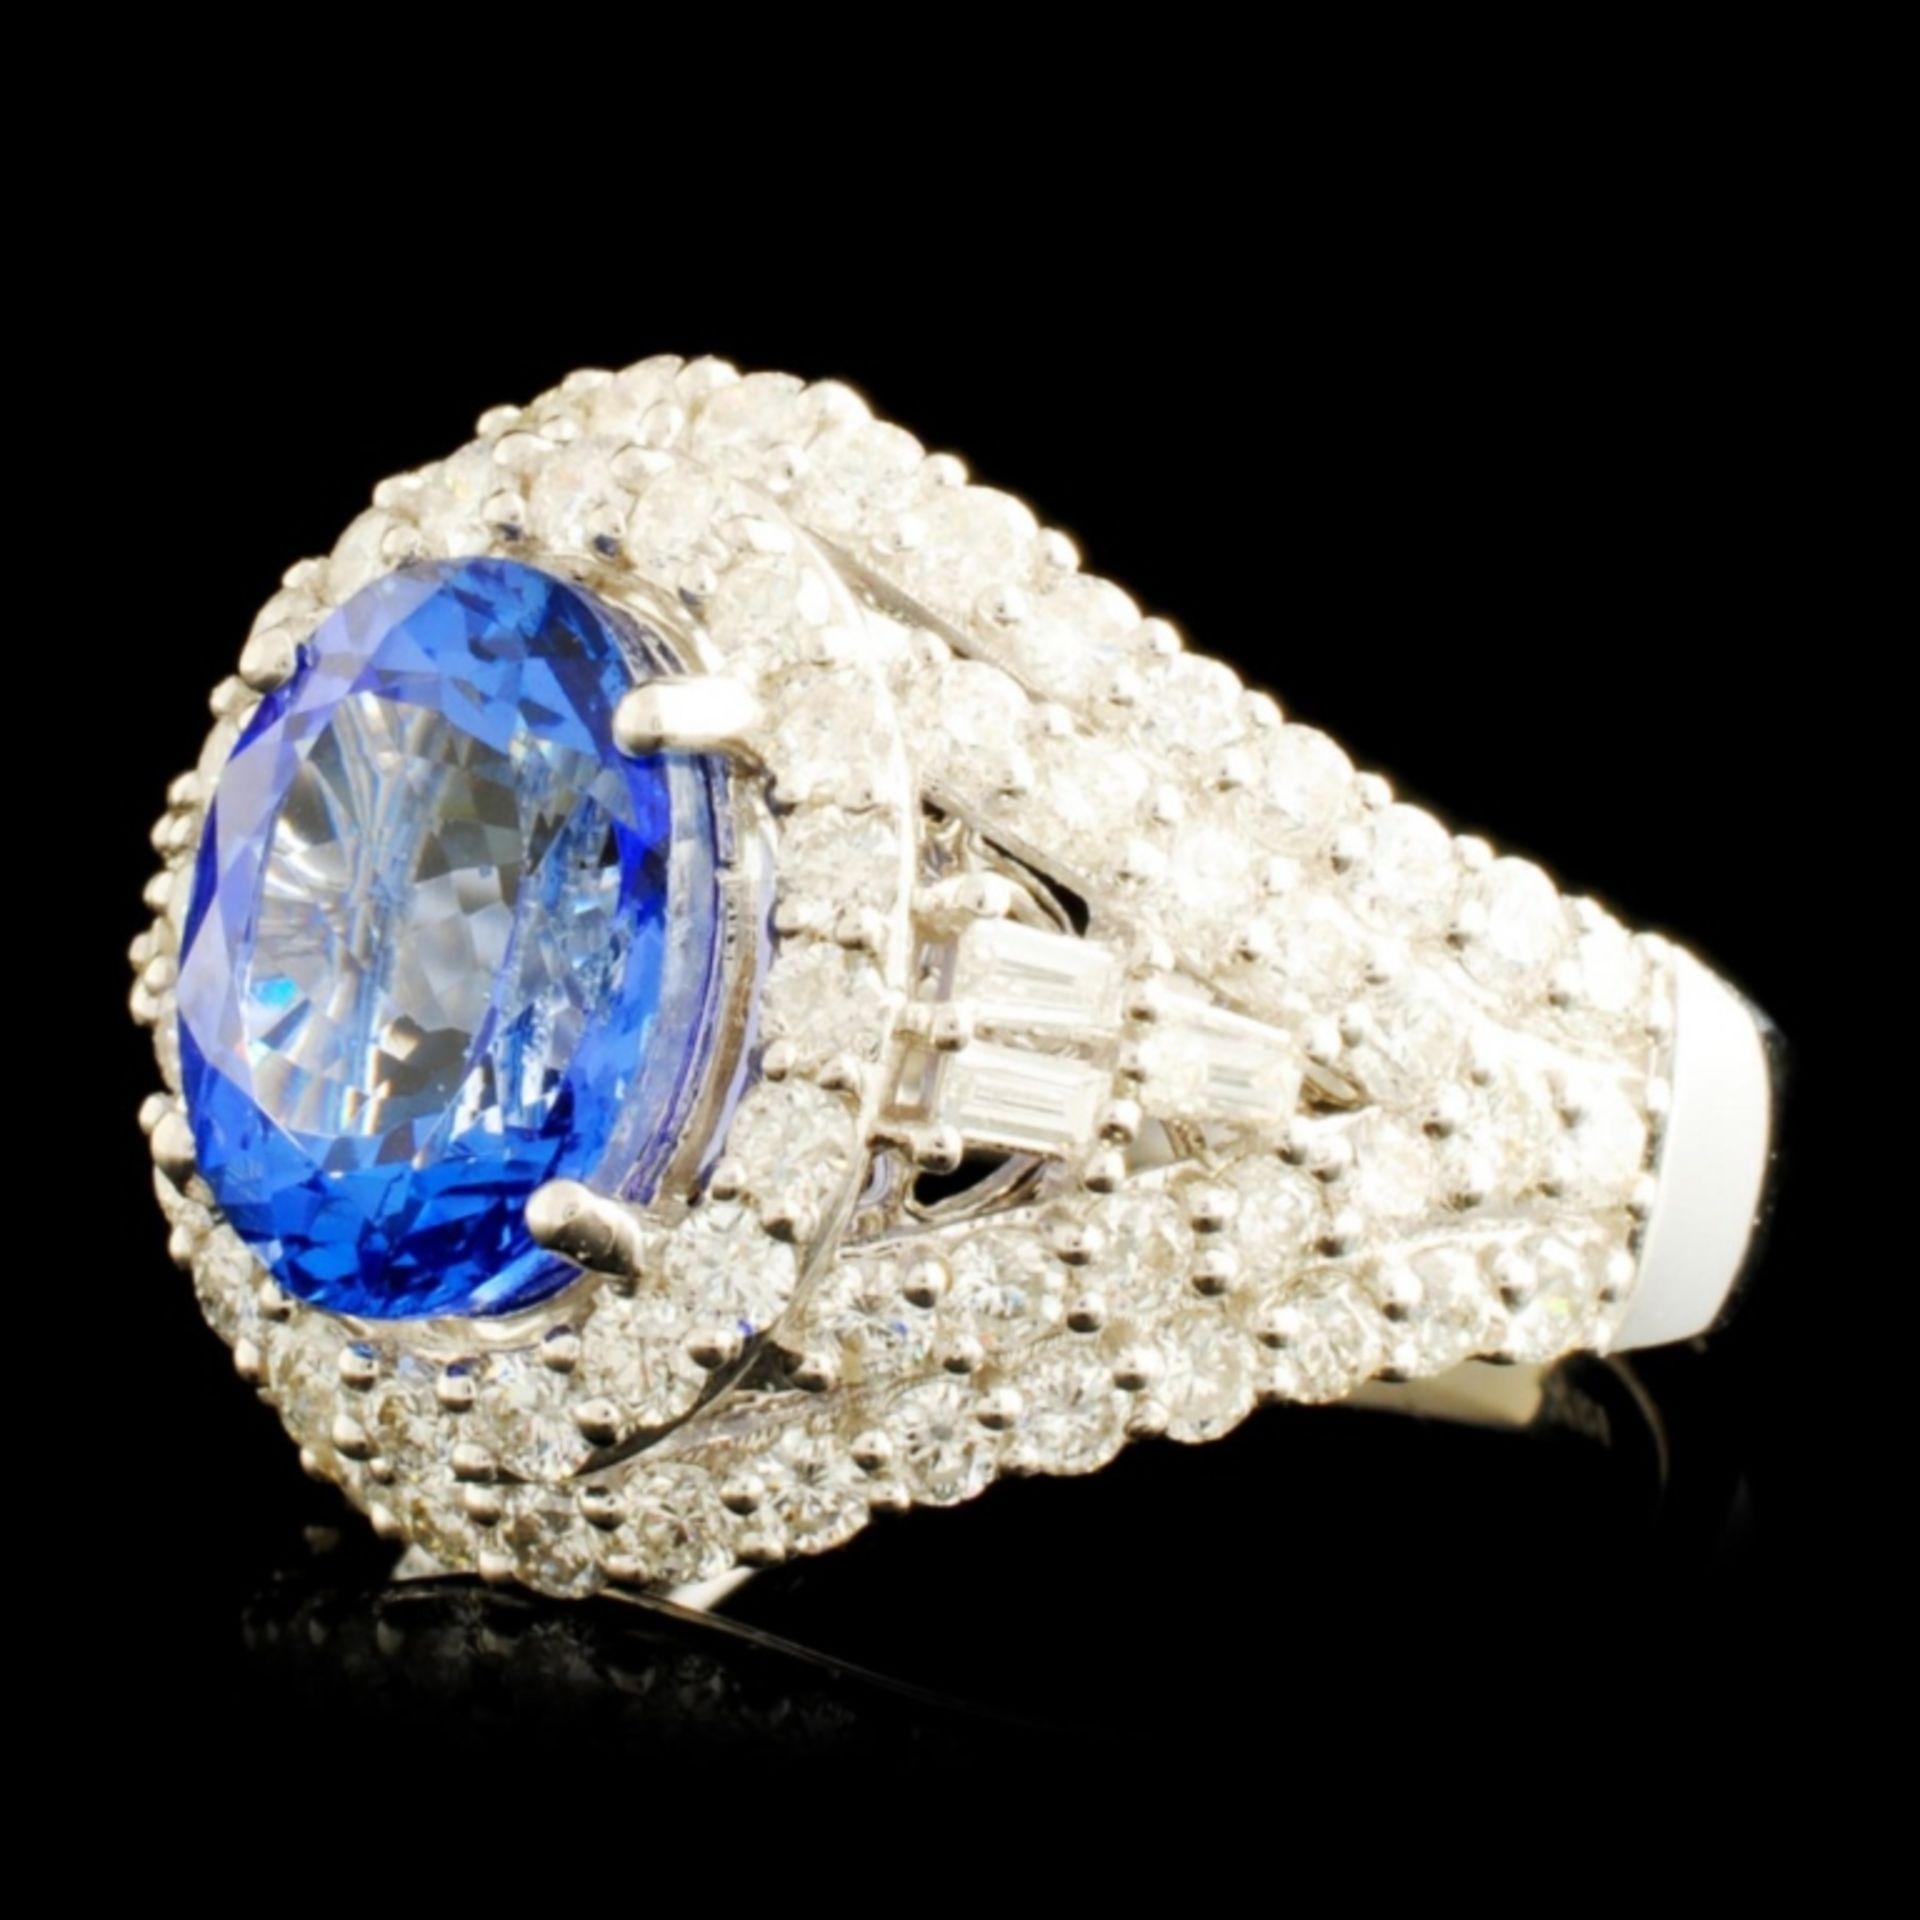 18K Gold 2.81ct Tanzanite & 1.65ctw Diamond Ring - Image 2 of 5